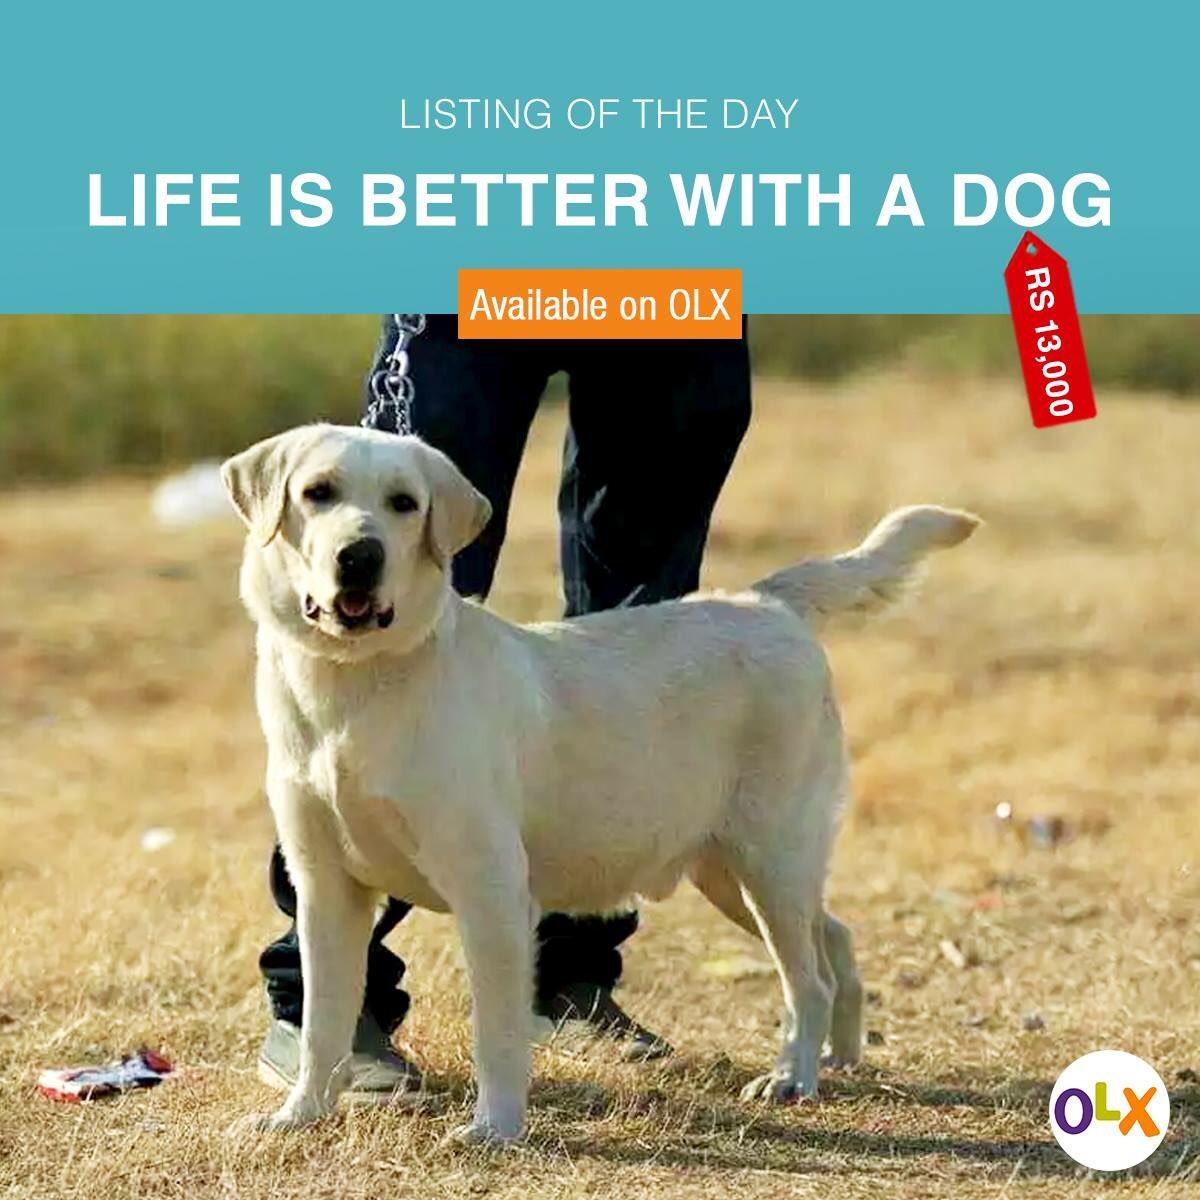 Bloemfontein olx dogs pakistan